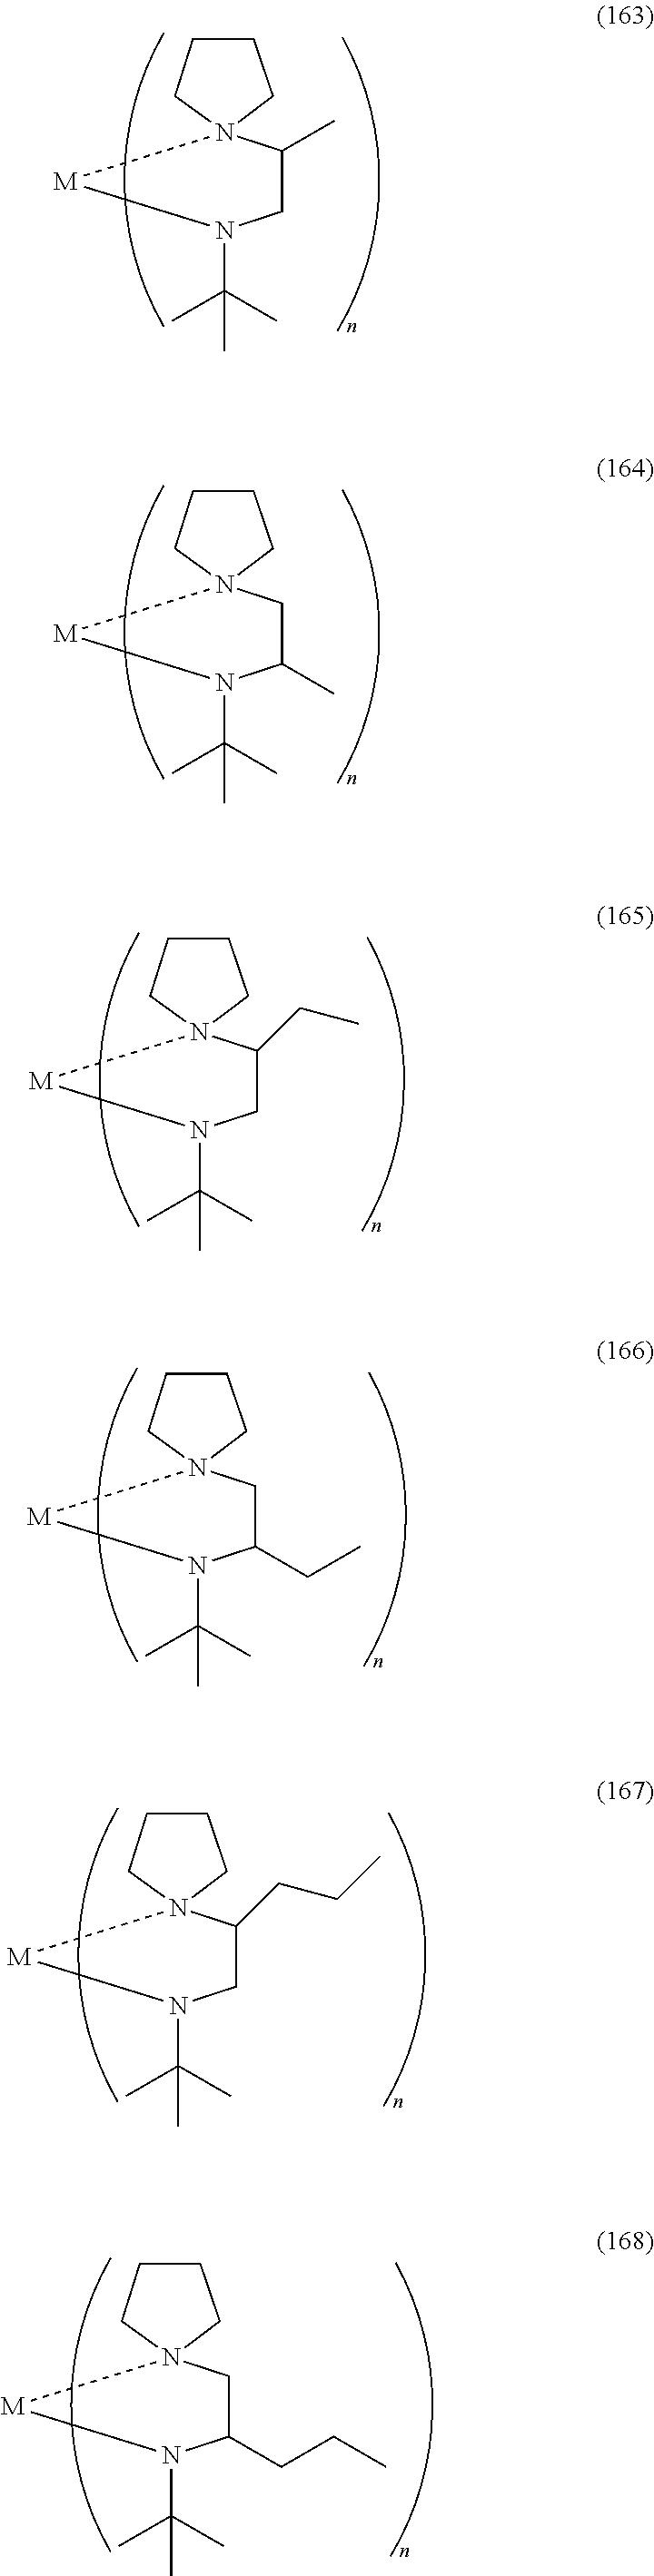 Figure US08871304-20141028-C00037